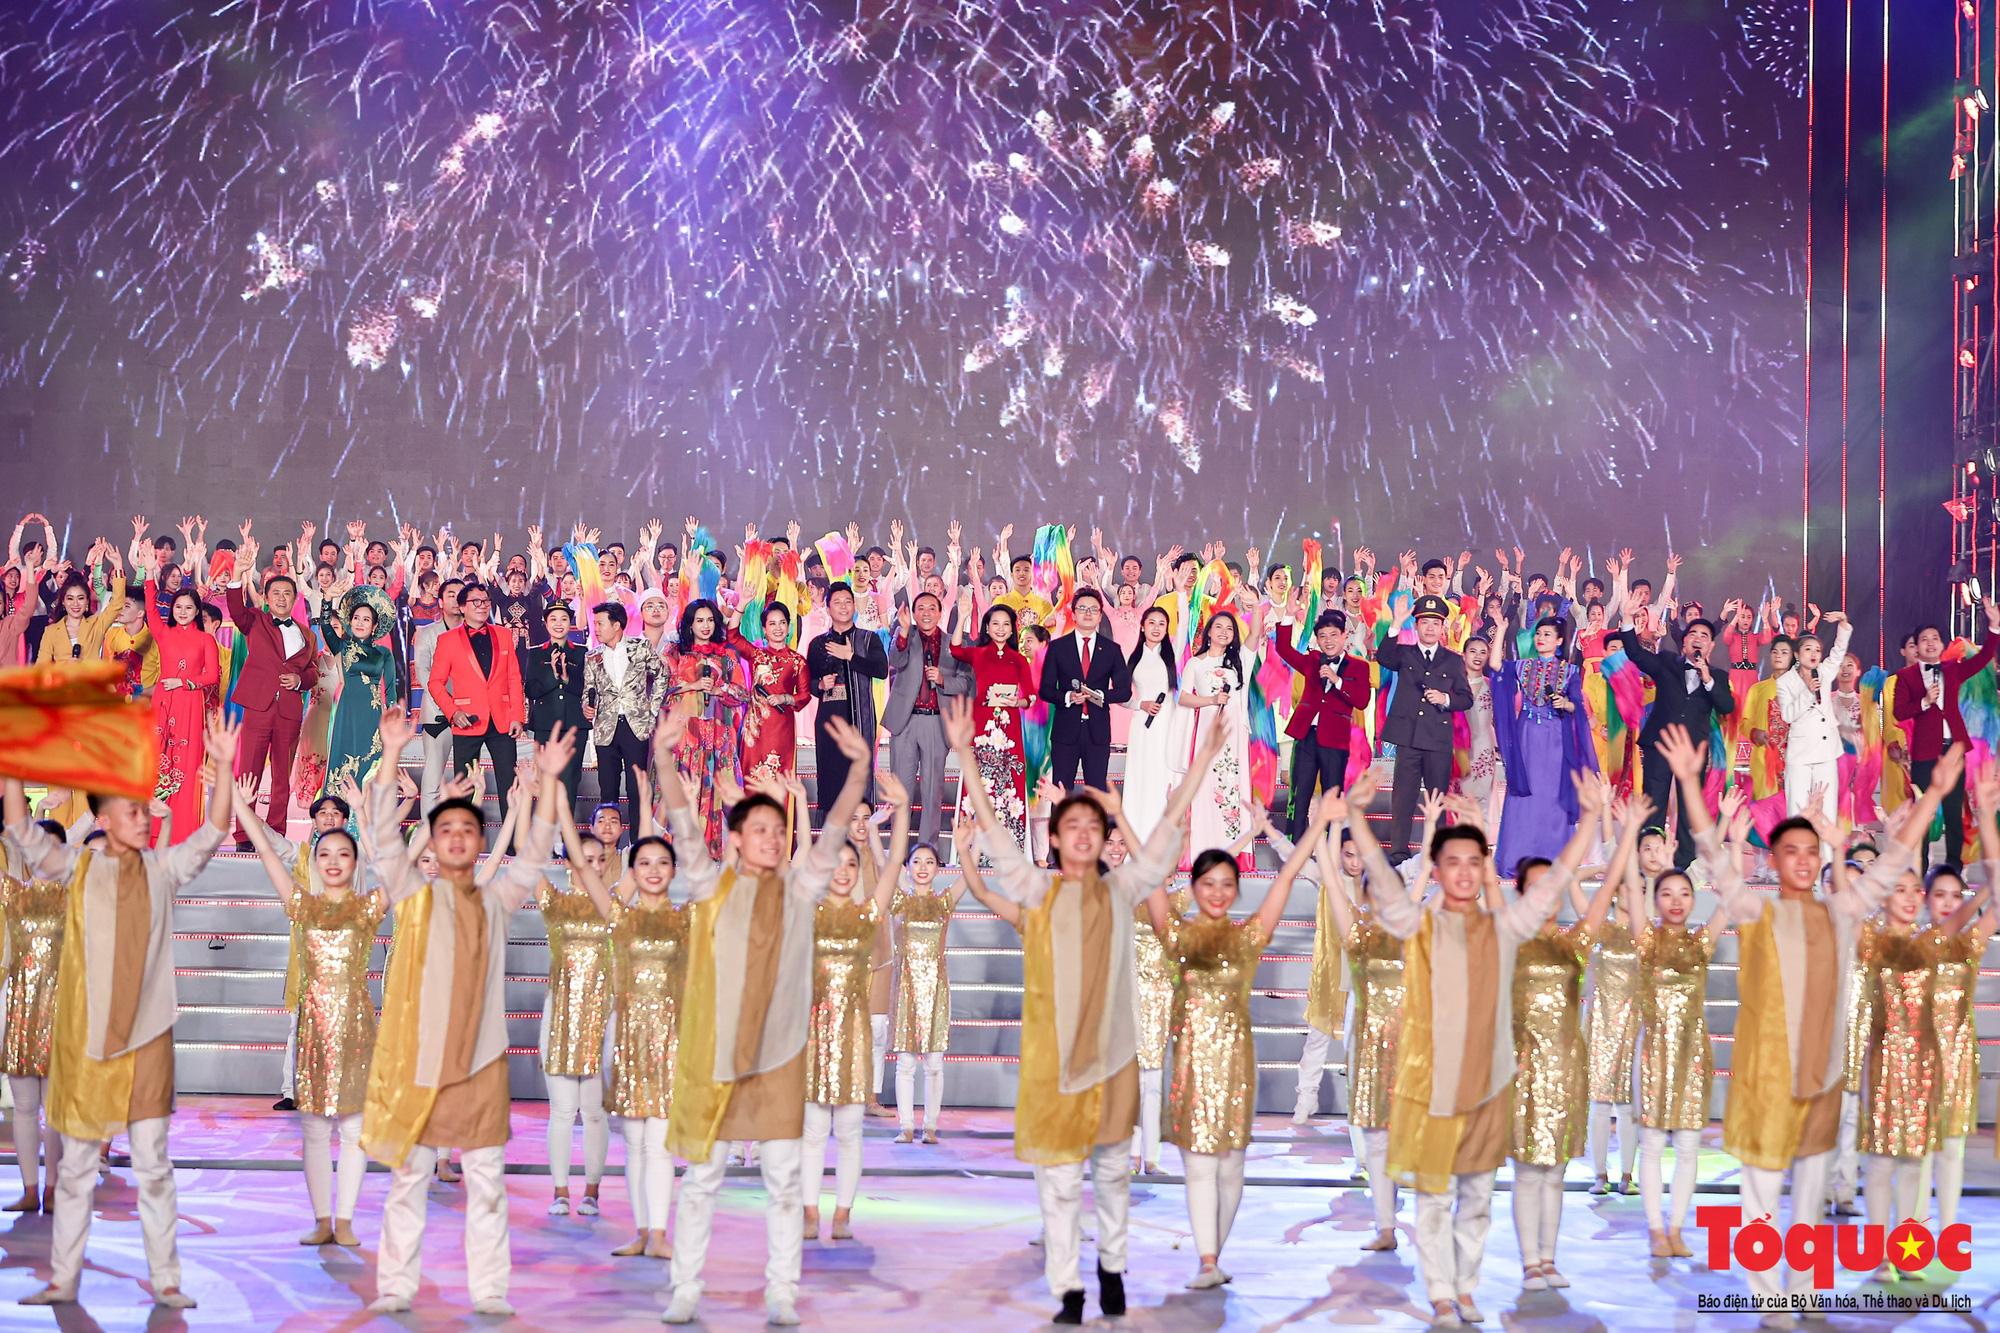 """Ấn tượng chương trình nghệ thuật """"Khát vọng - Tỏa sáng"""" chào mừng thành công Đại hội XIII của Đảng - Ảnh 14."""